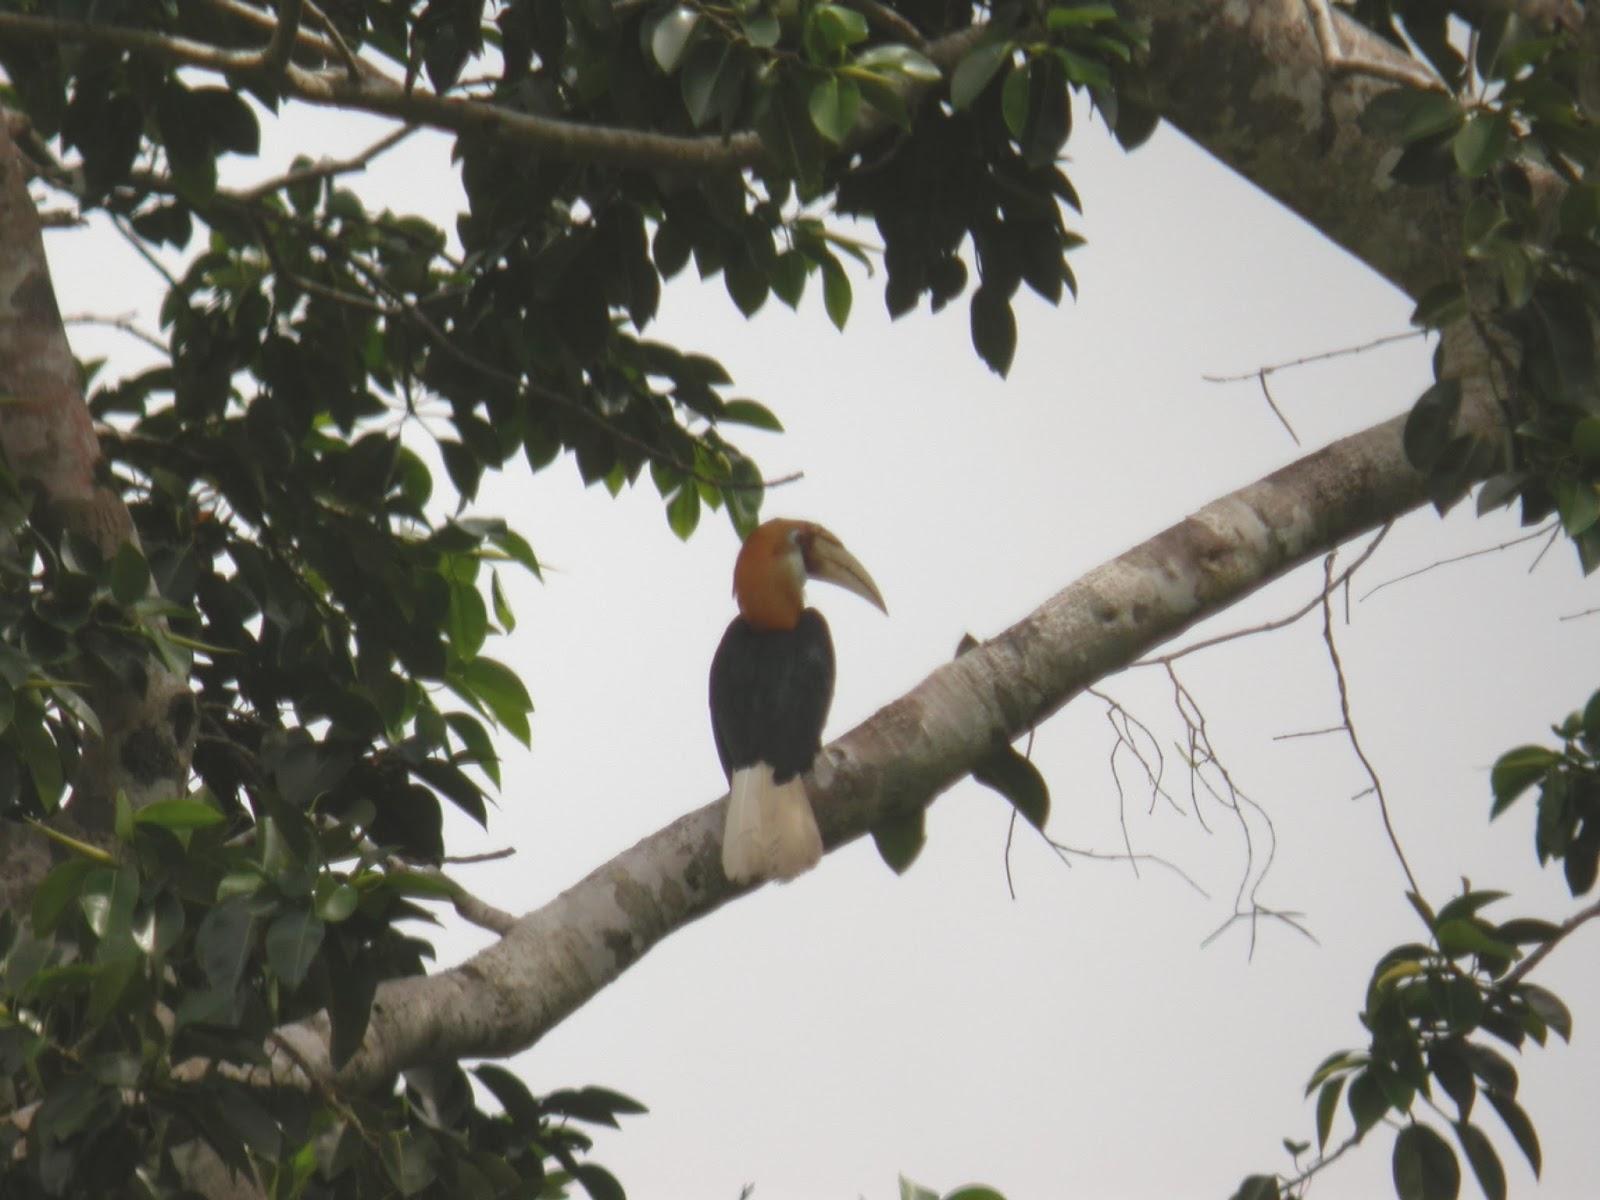 birding never sleeps: June 2004